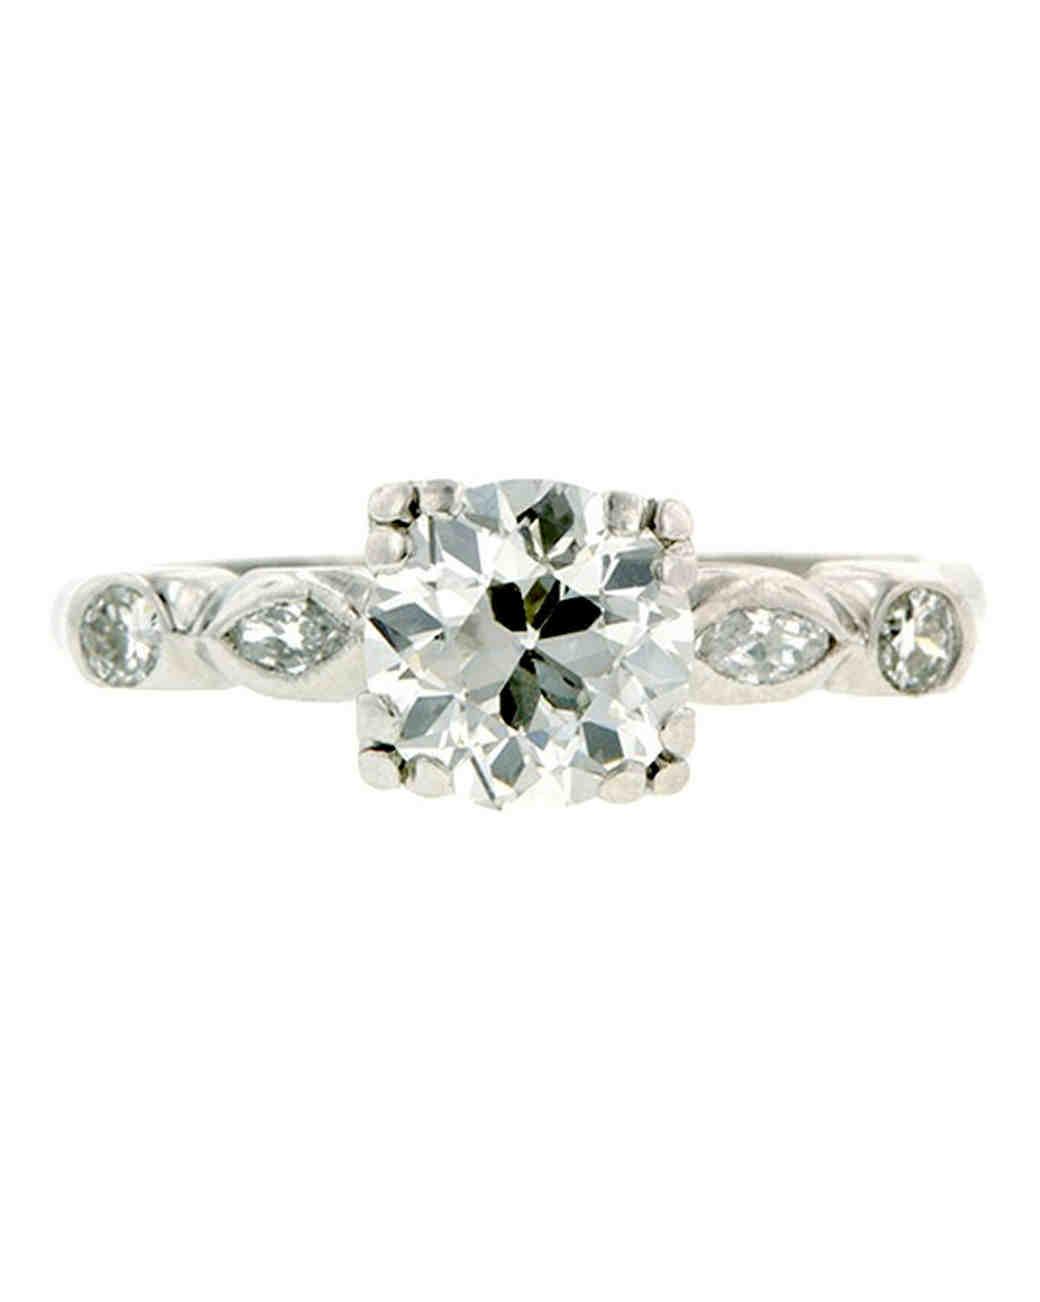 buying-vintage-engagement-ring-doyle-doyle-1940s-diamond-0215.jpg